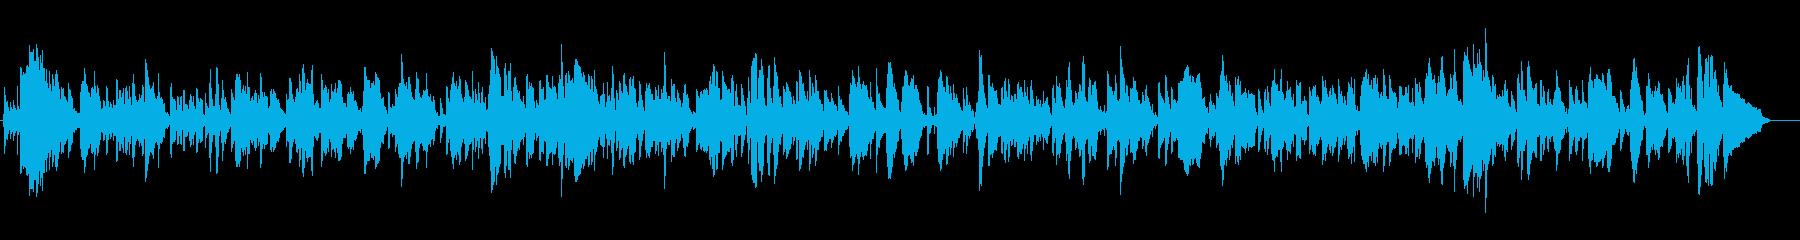 哀愁感漂うJAZZ・店舗・企業・映像制作の再生済みの波形